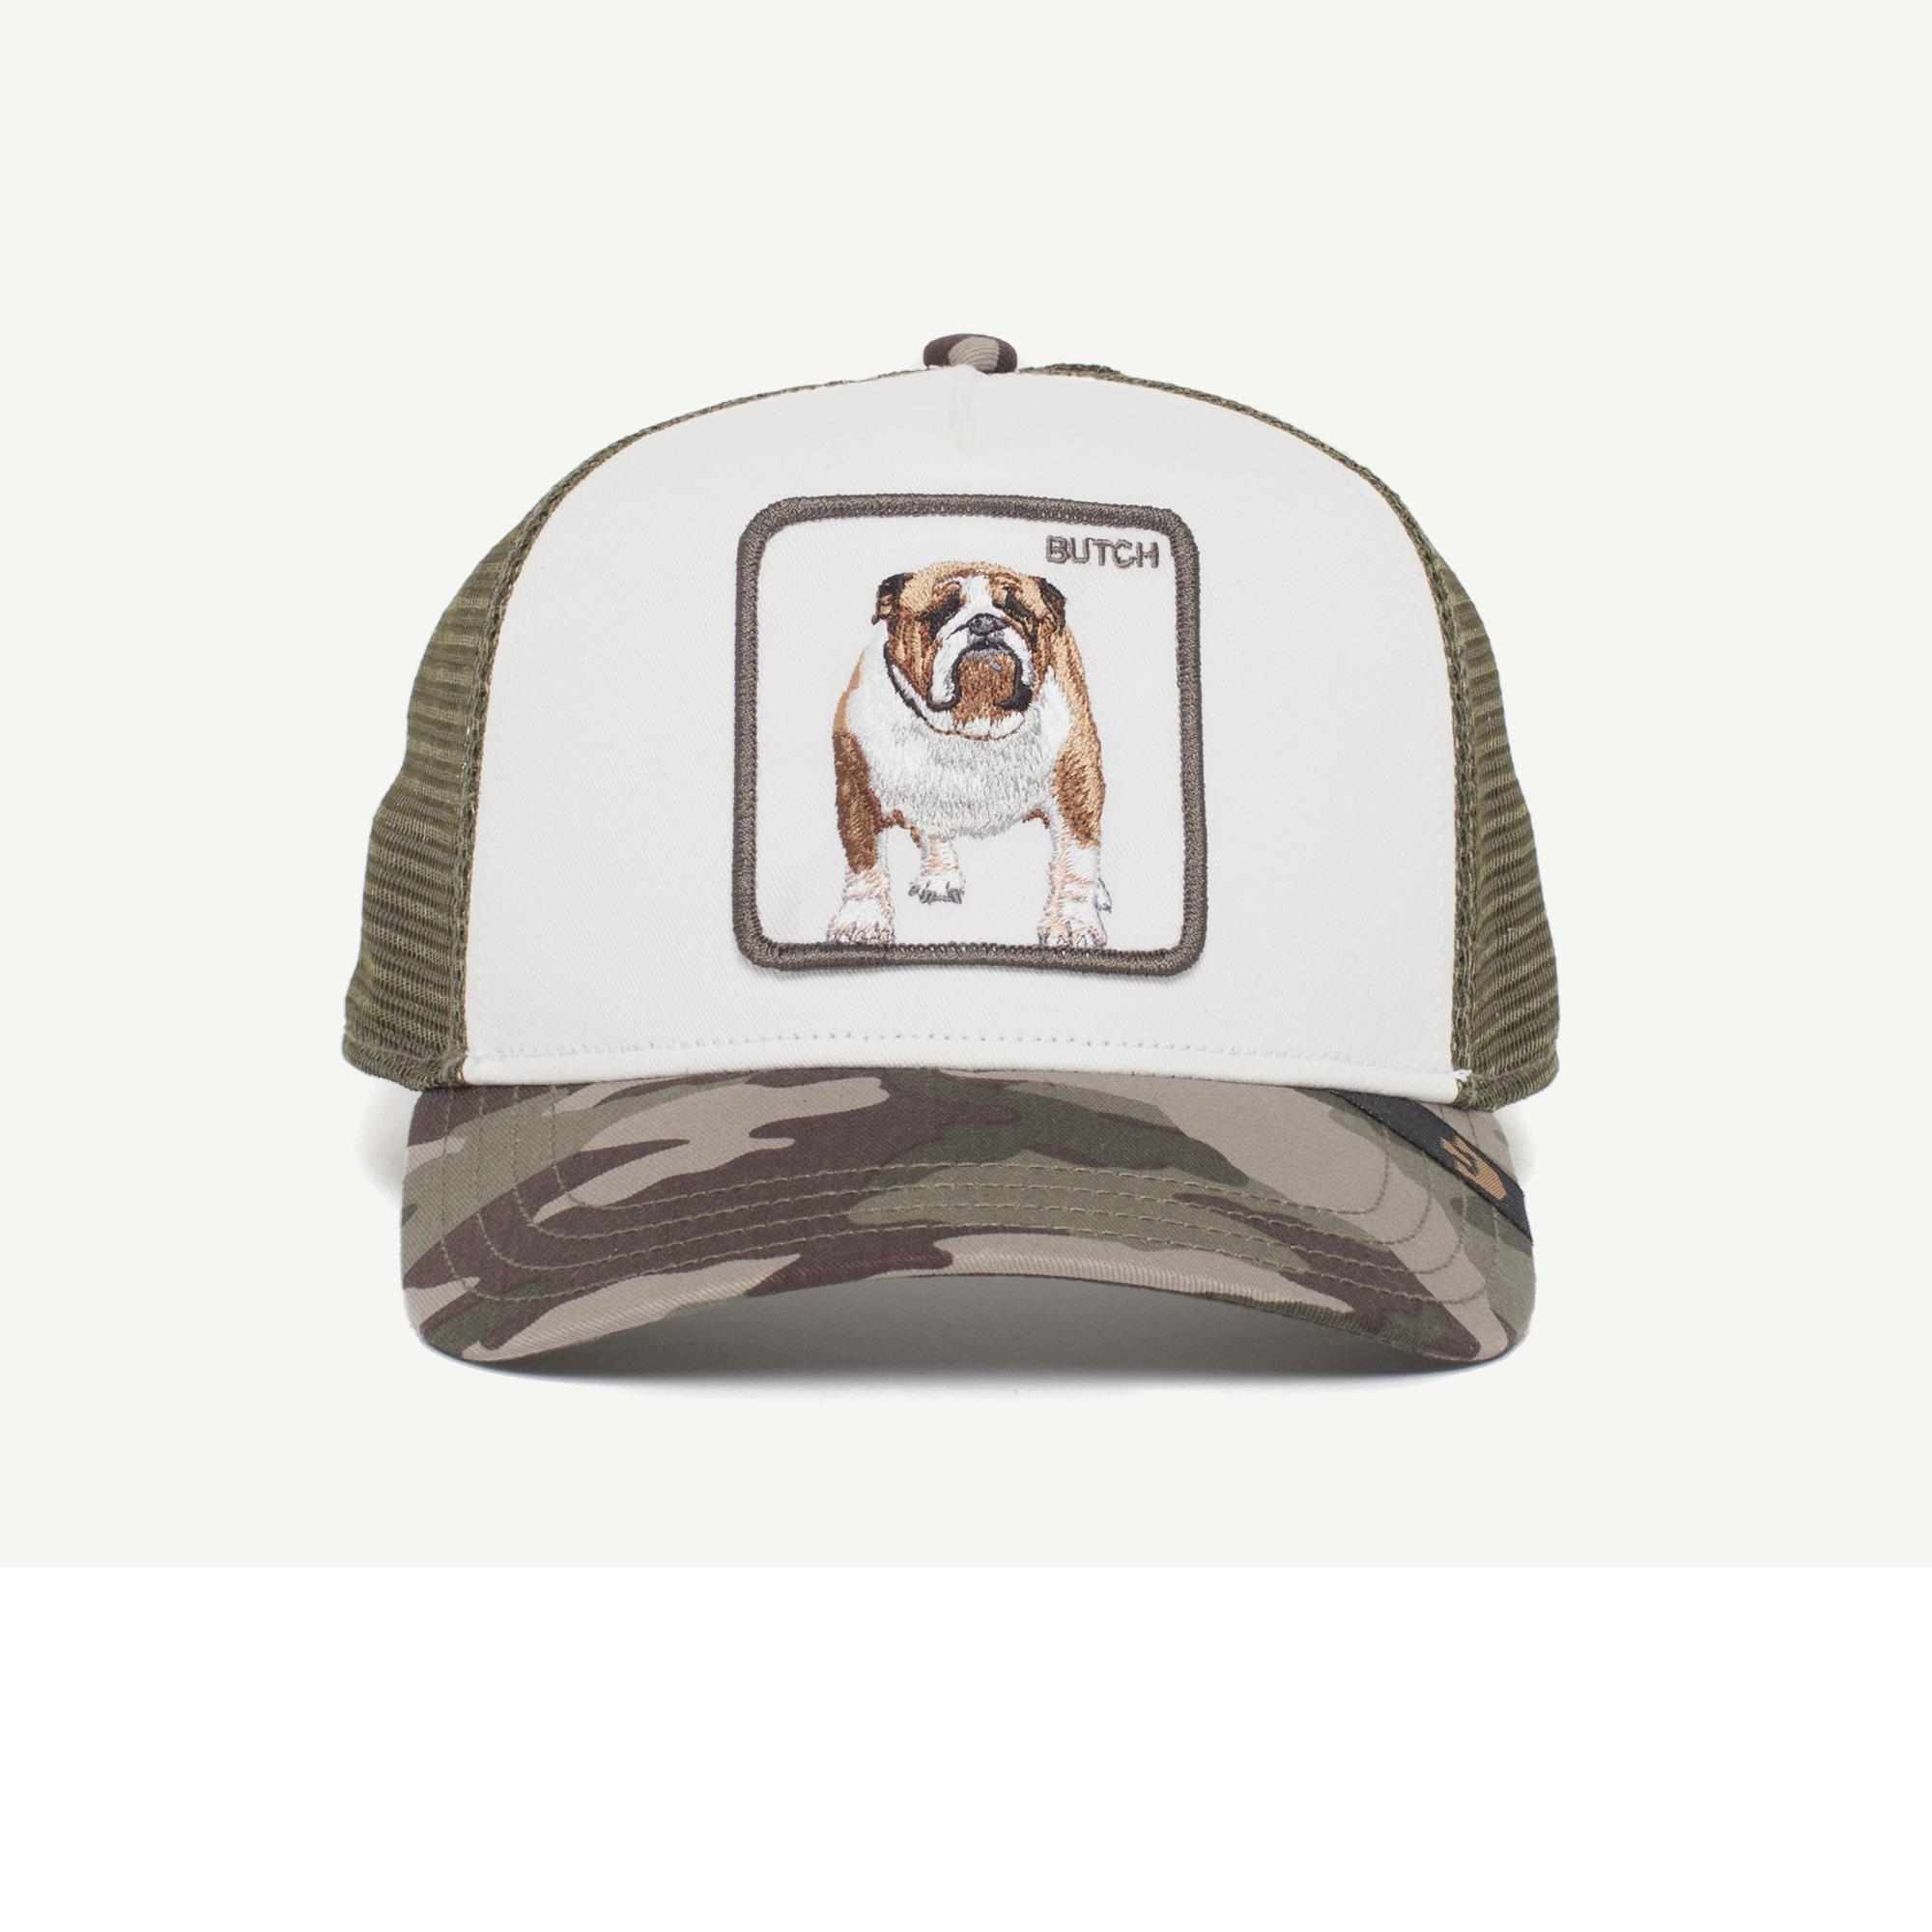 31da9581b461b Butch Trucker Baseball Cap